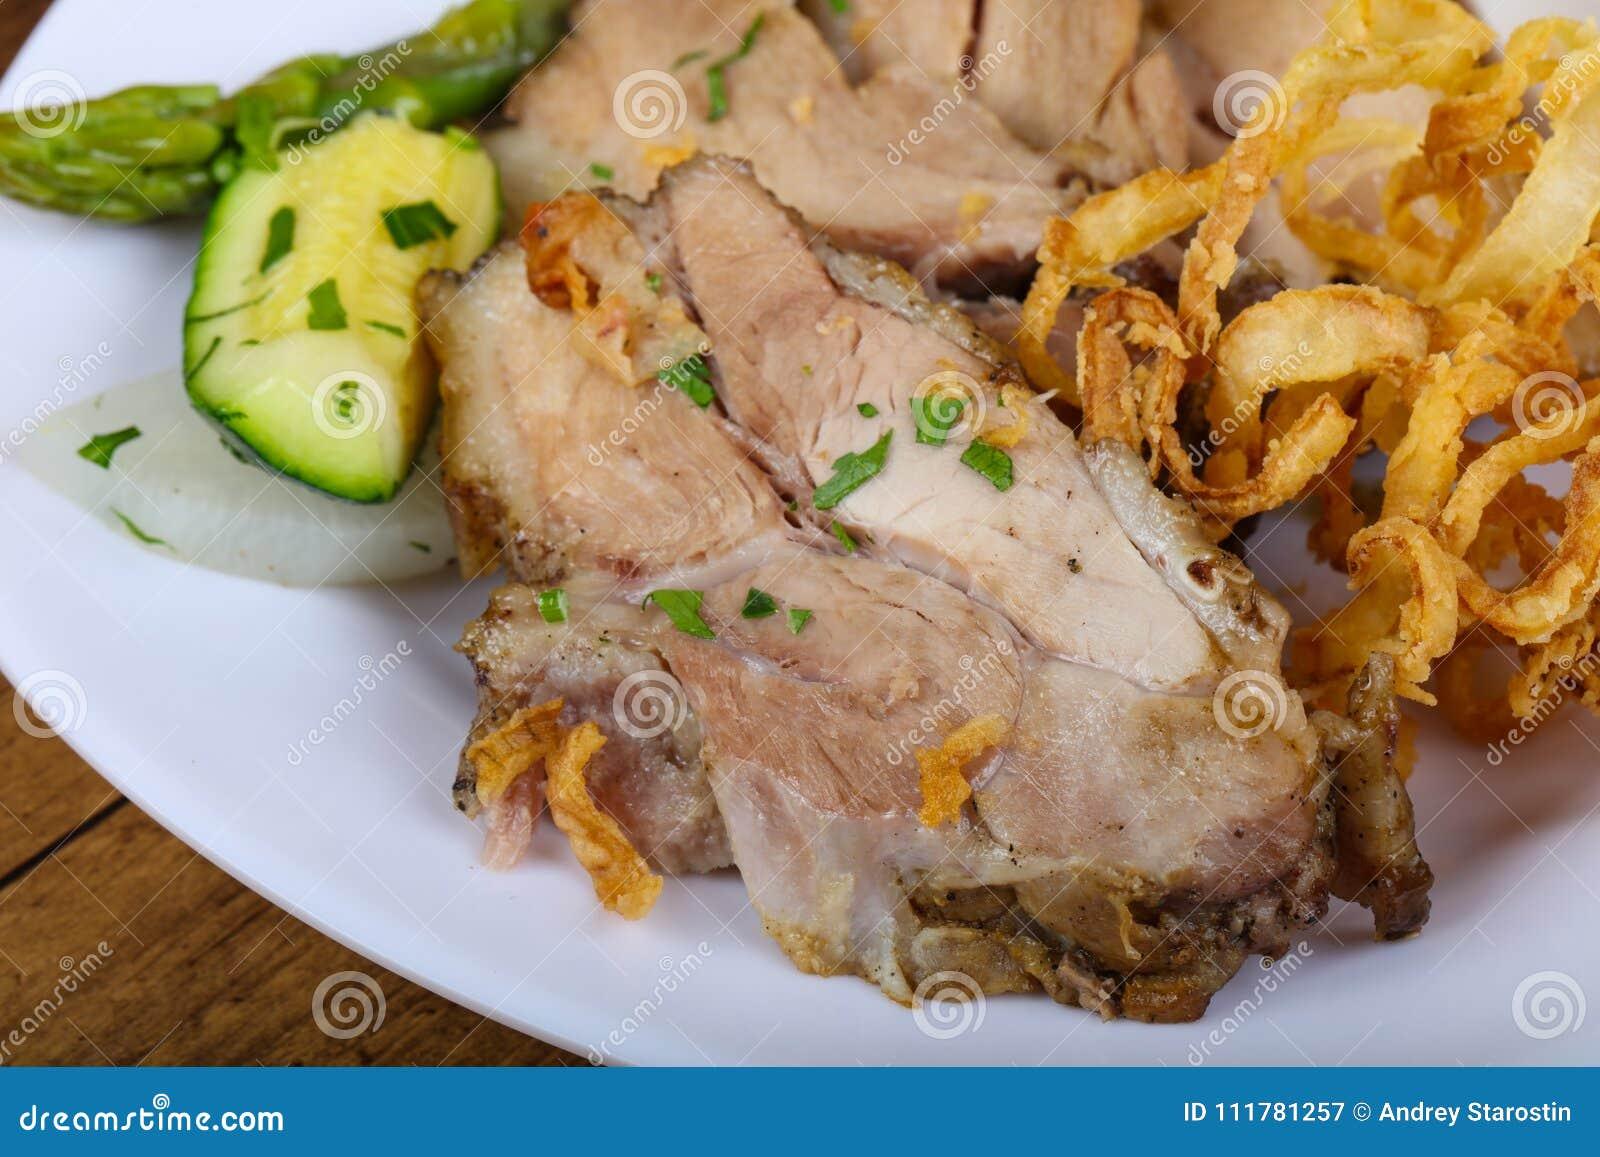 Cocina checa - cerdo asado